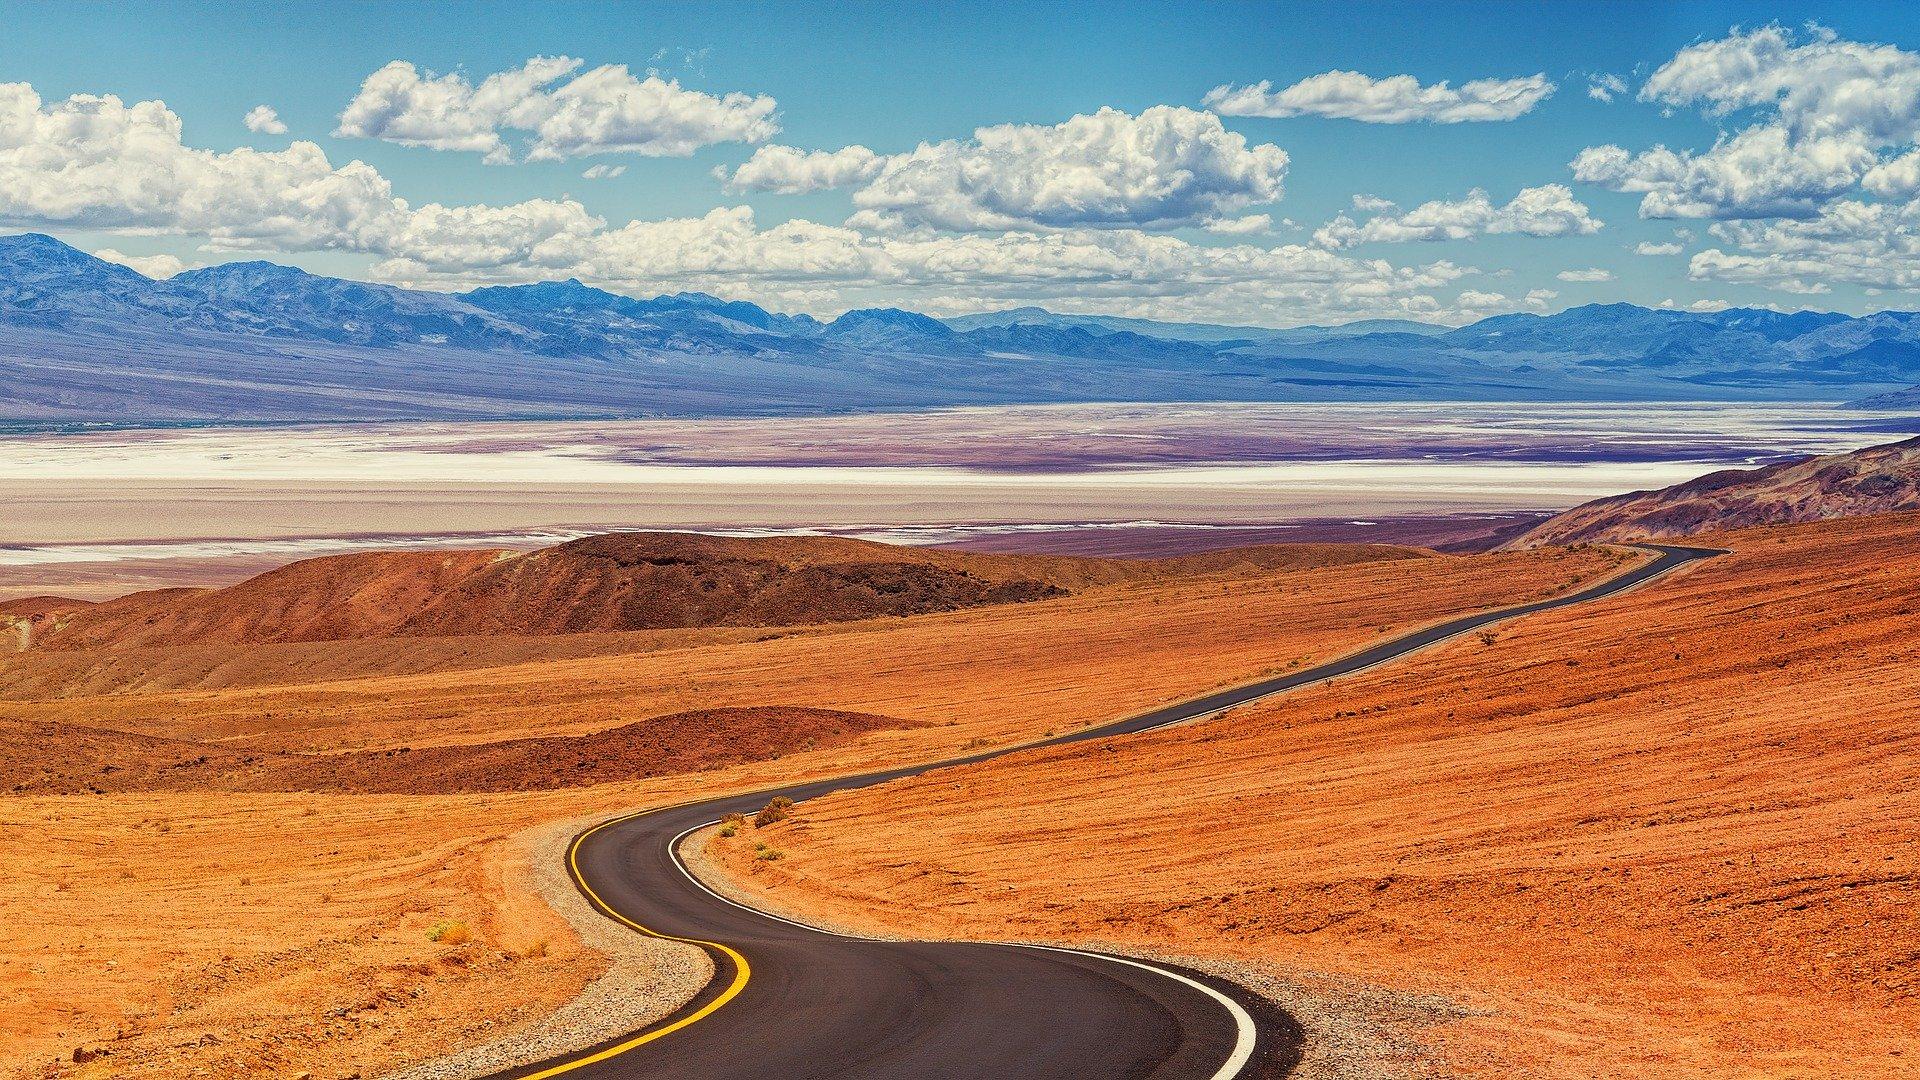 Le désert de la Vallée de la Mort